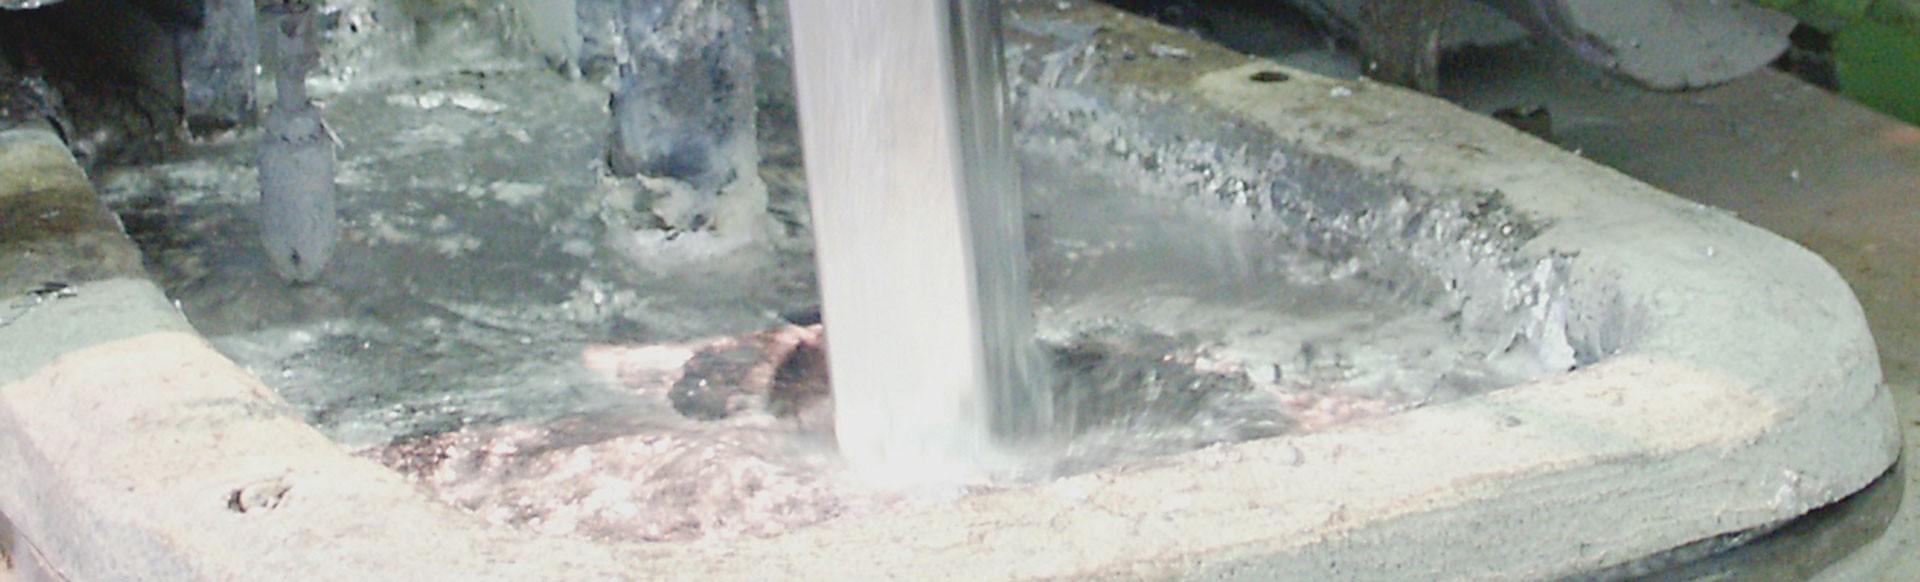 El zinc fundido a presión de aleaciones